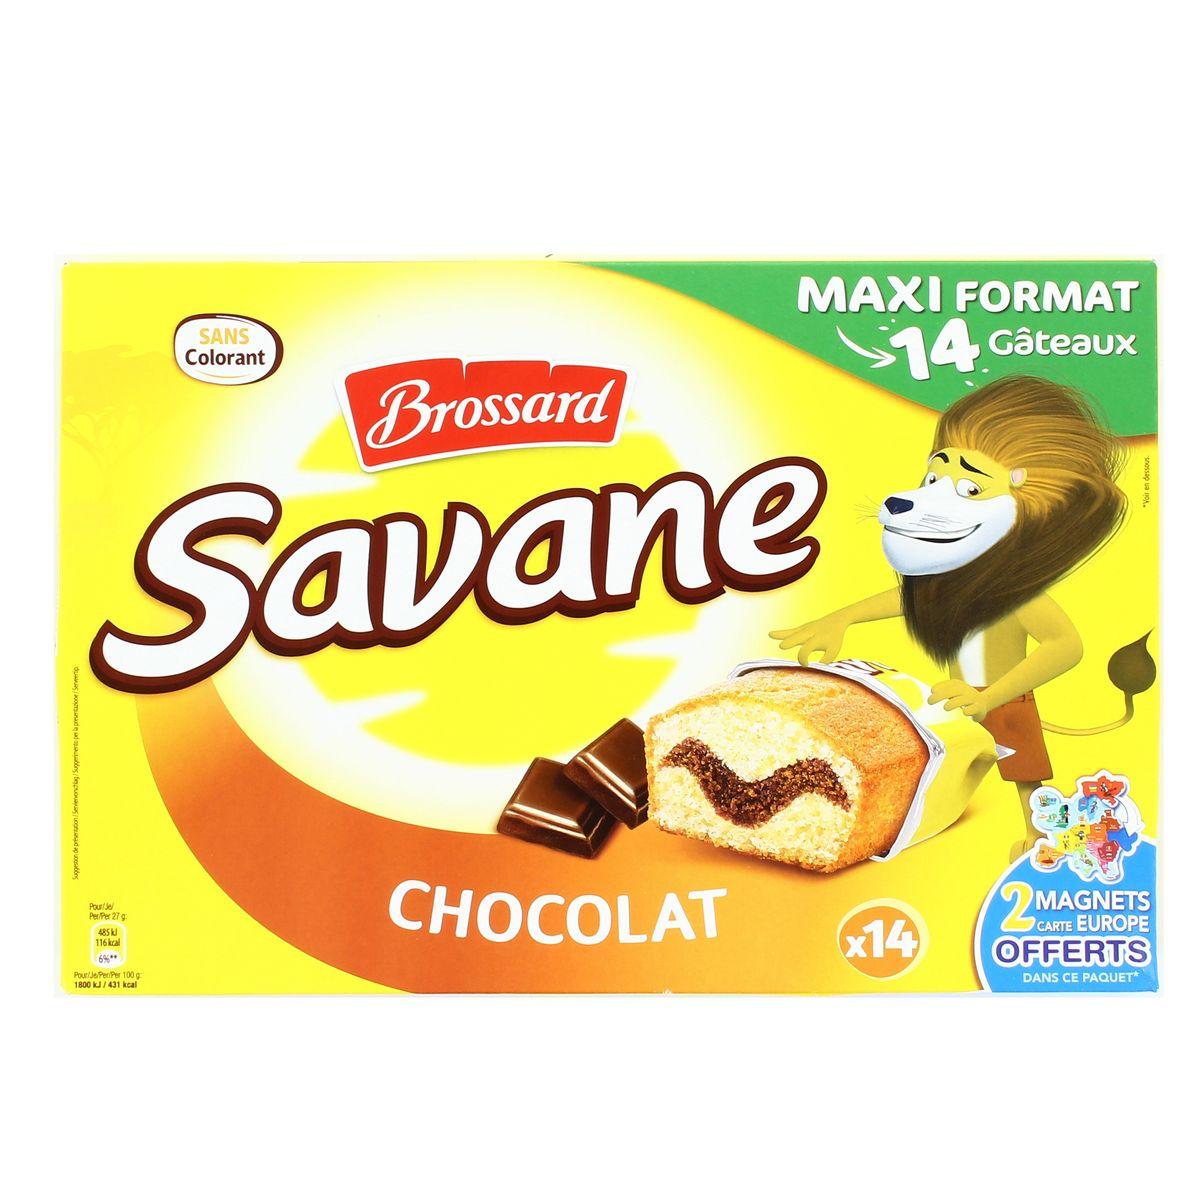 Livraison à domicile Promotion Savane Pocket chocolat, 10 gateaux